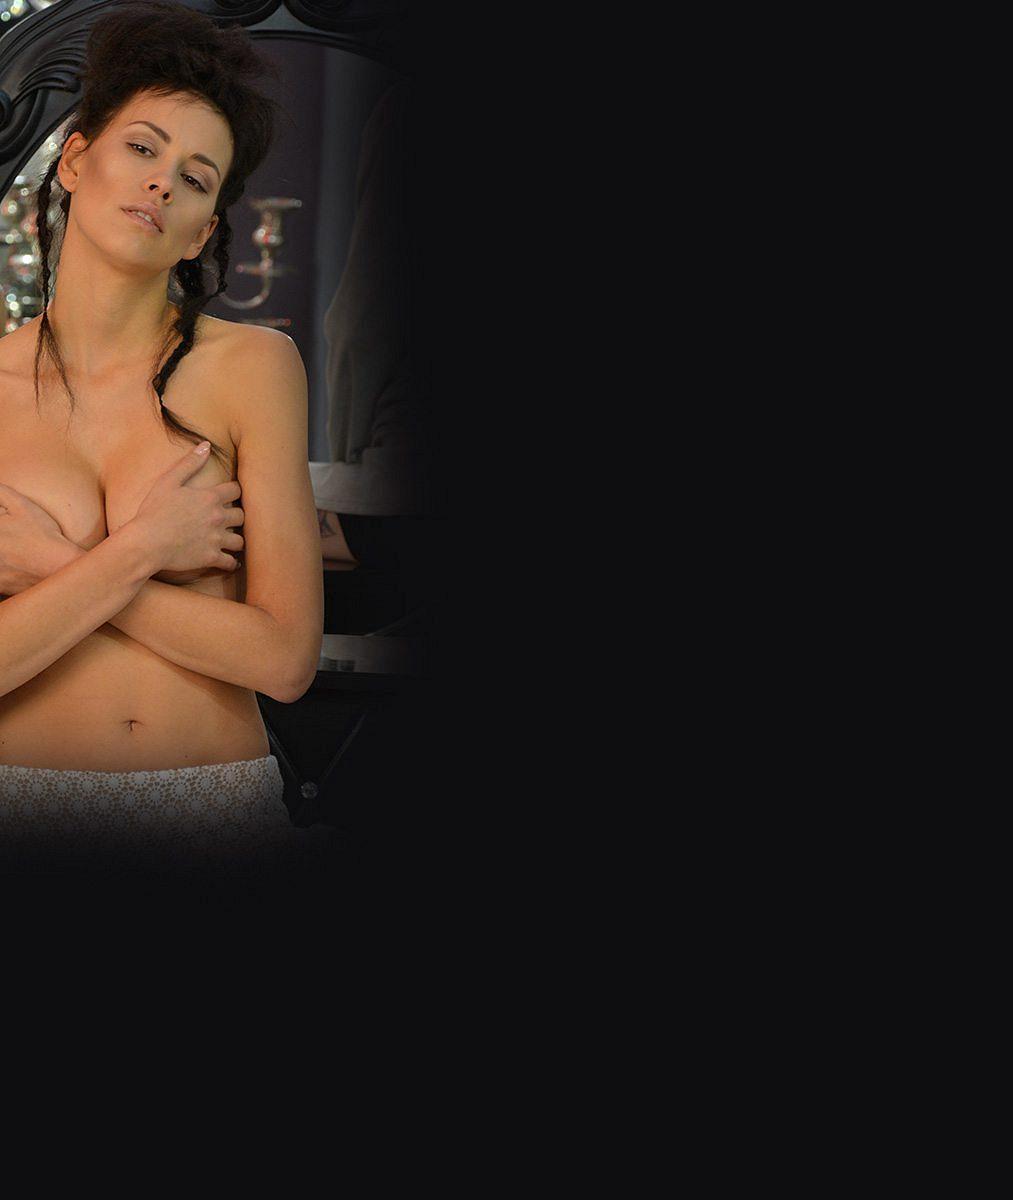 Její sexy křivky tentokrát nekrylo ani spodní prádlo: Dokud na to Votavová má, byl by hřích se neukázat